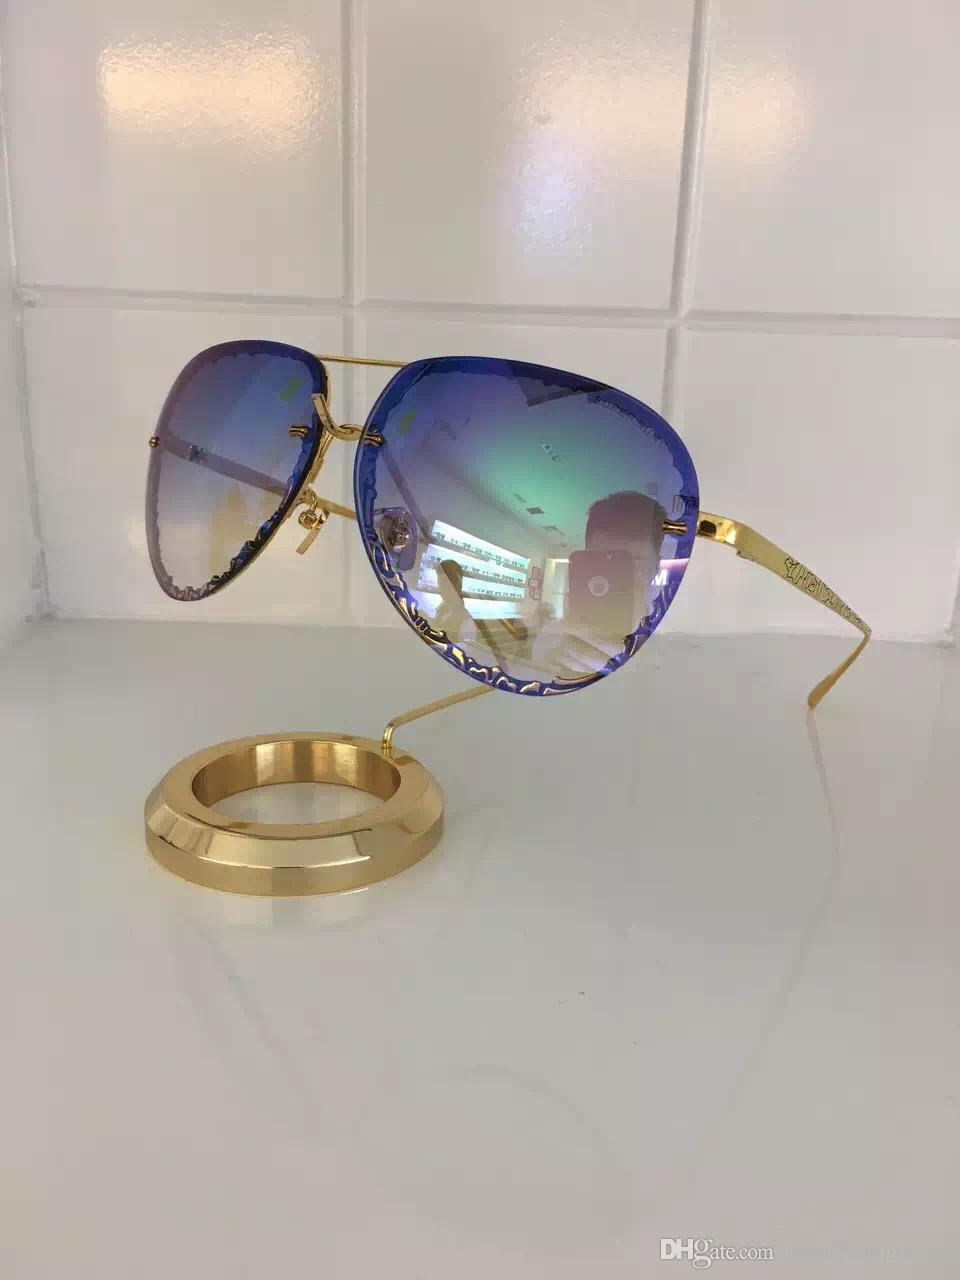 Acheter Luxe Lunettes De Soleil Italie Super Sung Top Qualité Alliage  Lunettes De Soleil Ovale Sans Cadre Hommes Femmes Marque Designer Uv400  Protection ... af9a39f2f99f